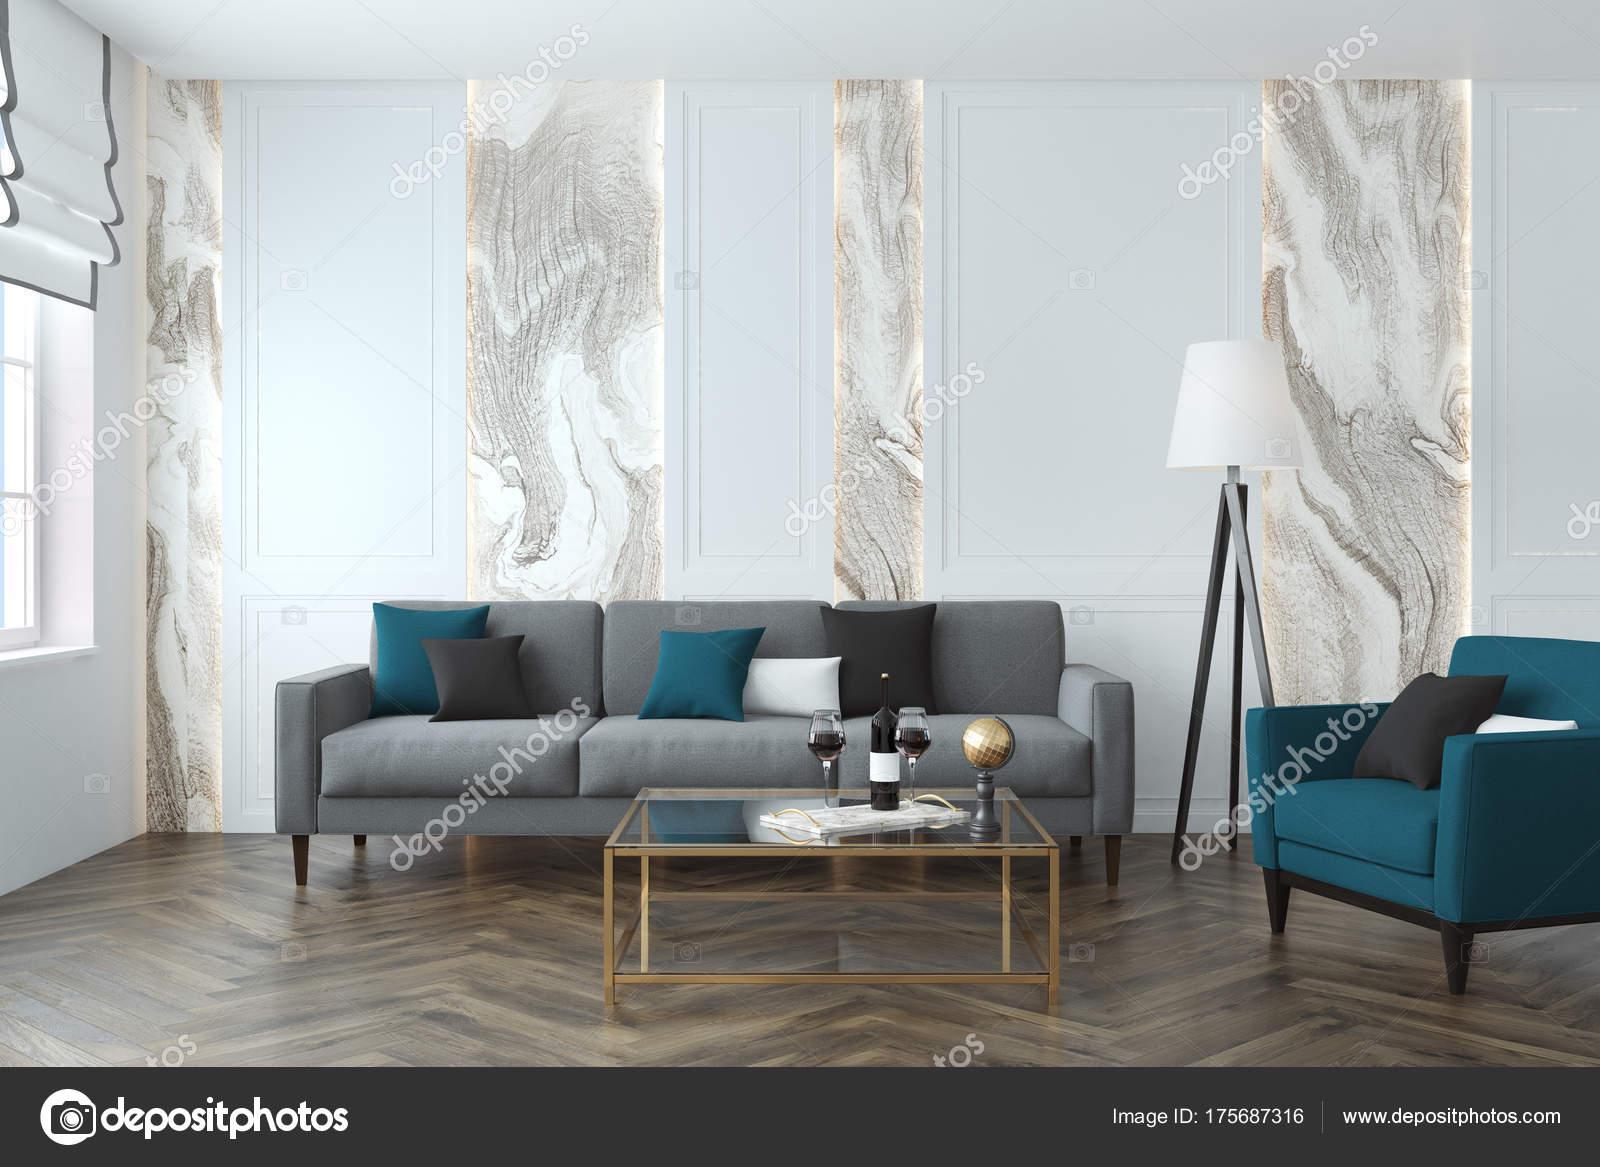 Branca E Cinza De Sala De Estar Sof Azul Fotografias De Stock  -> Sala Com Sofa Cinza E Poltronas